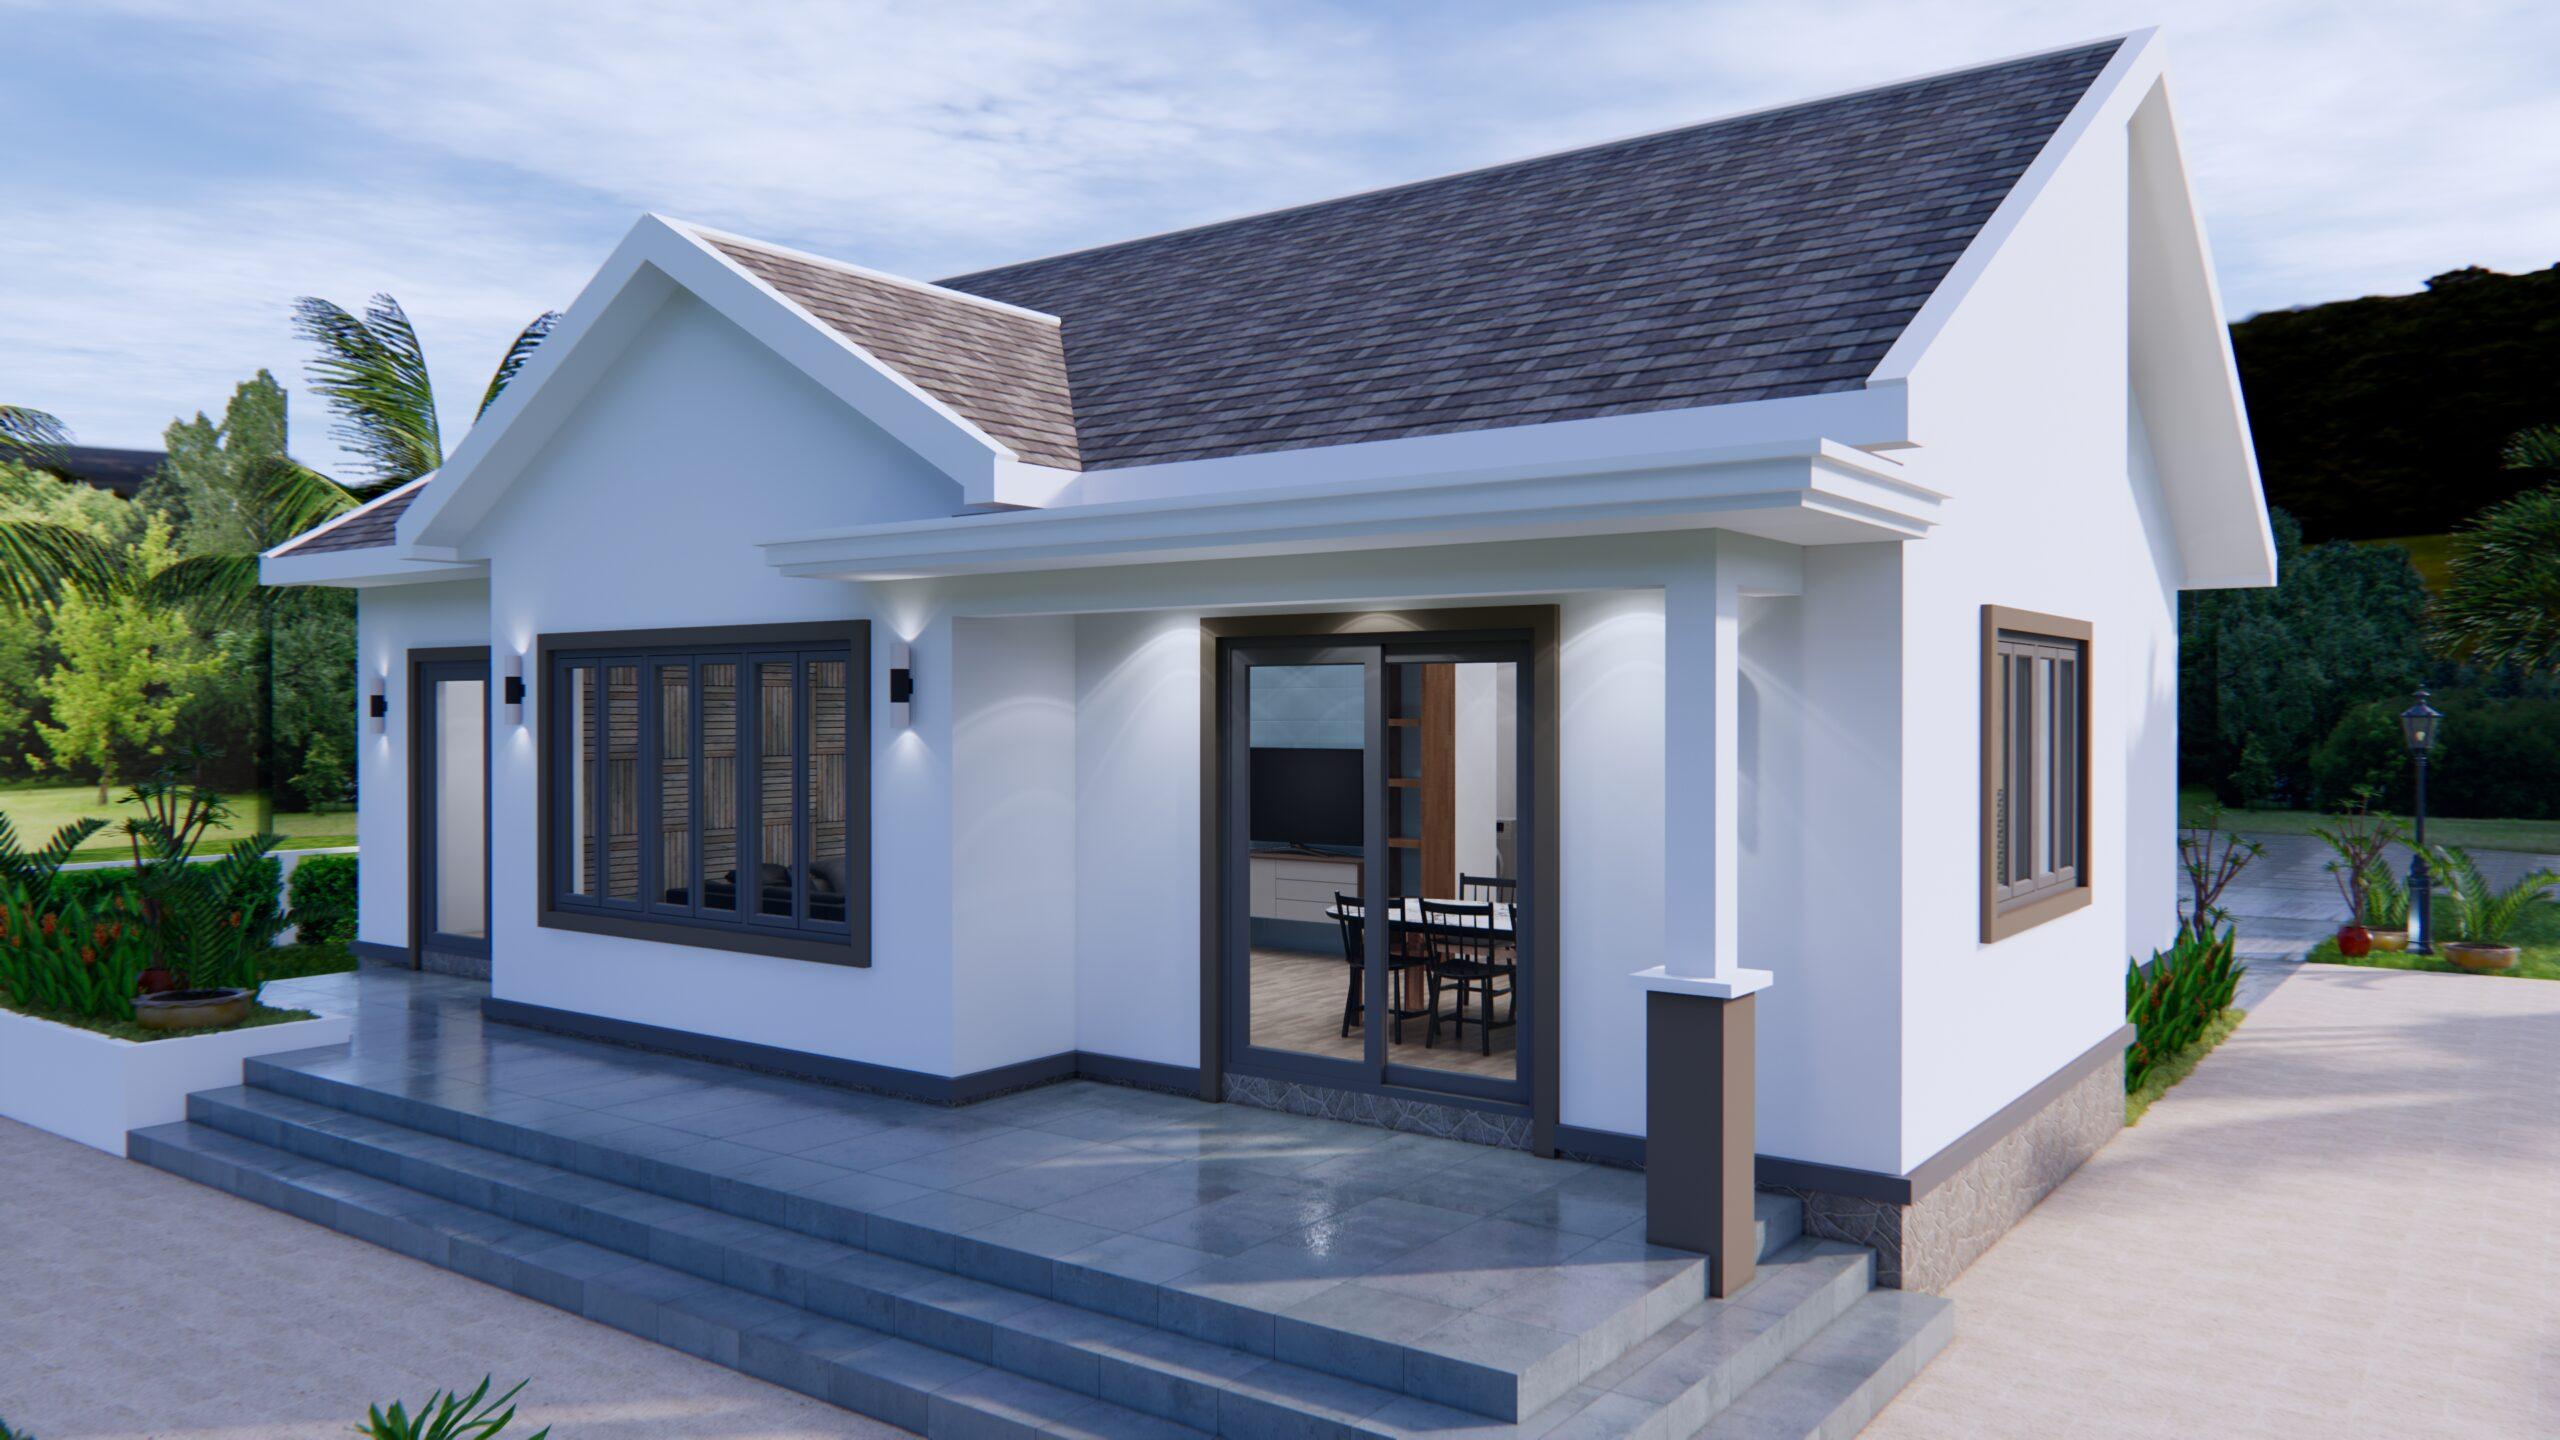 Modern House Drawing 12x9 Meter 40x30 Feet 2 Beds 6